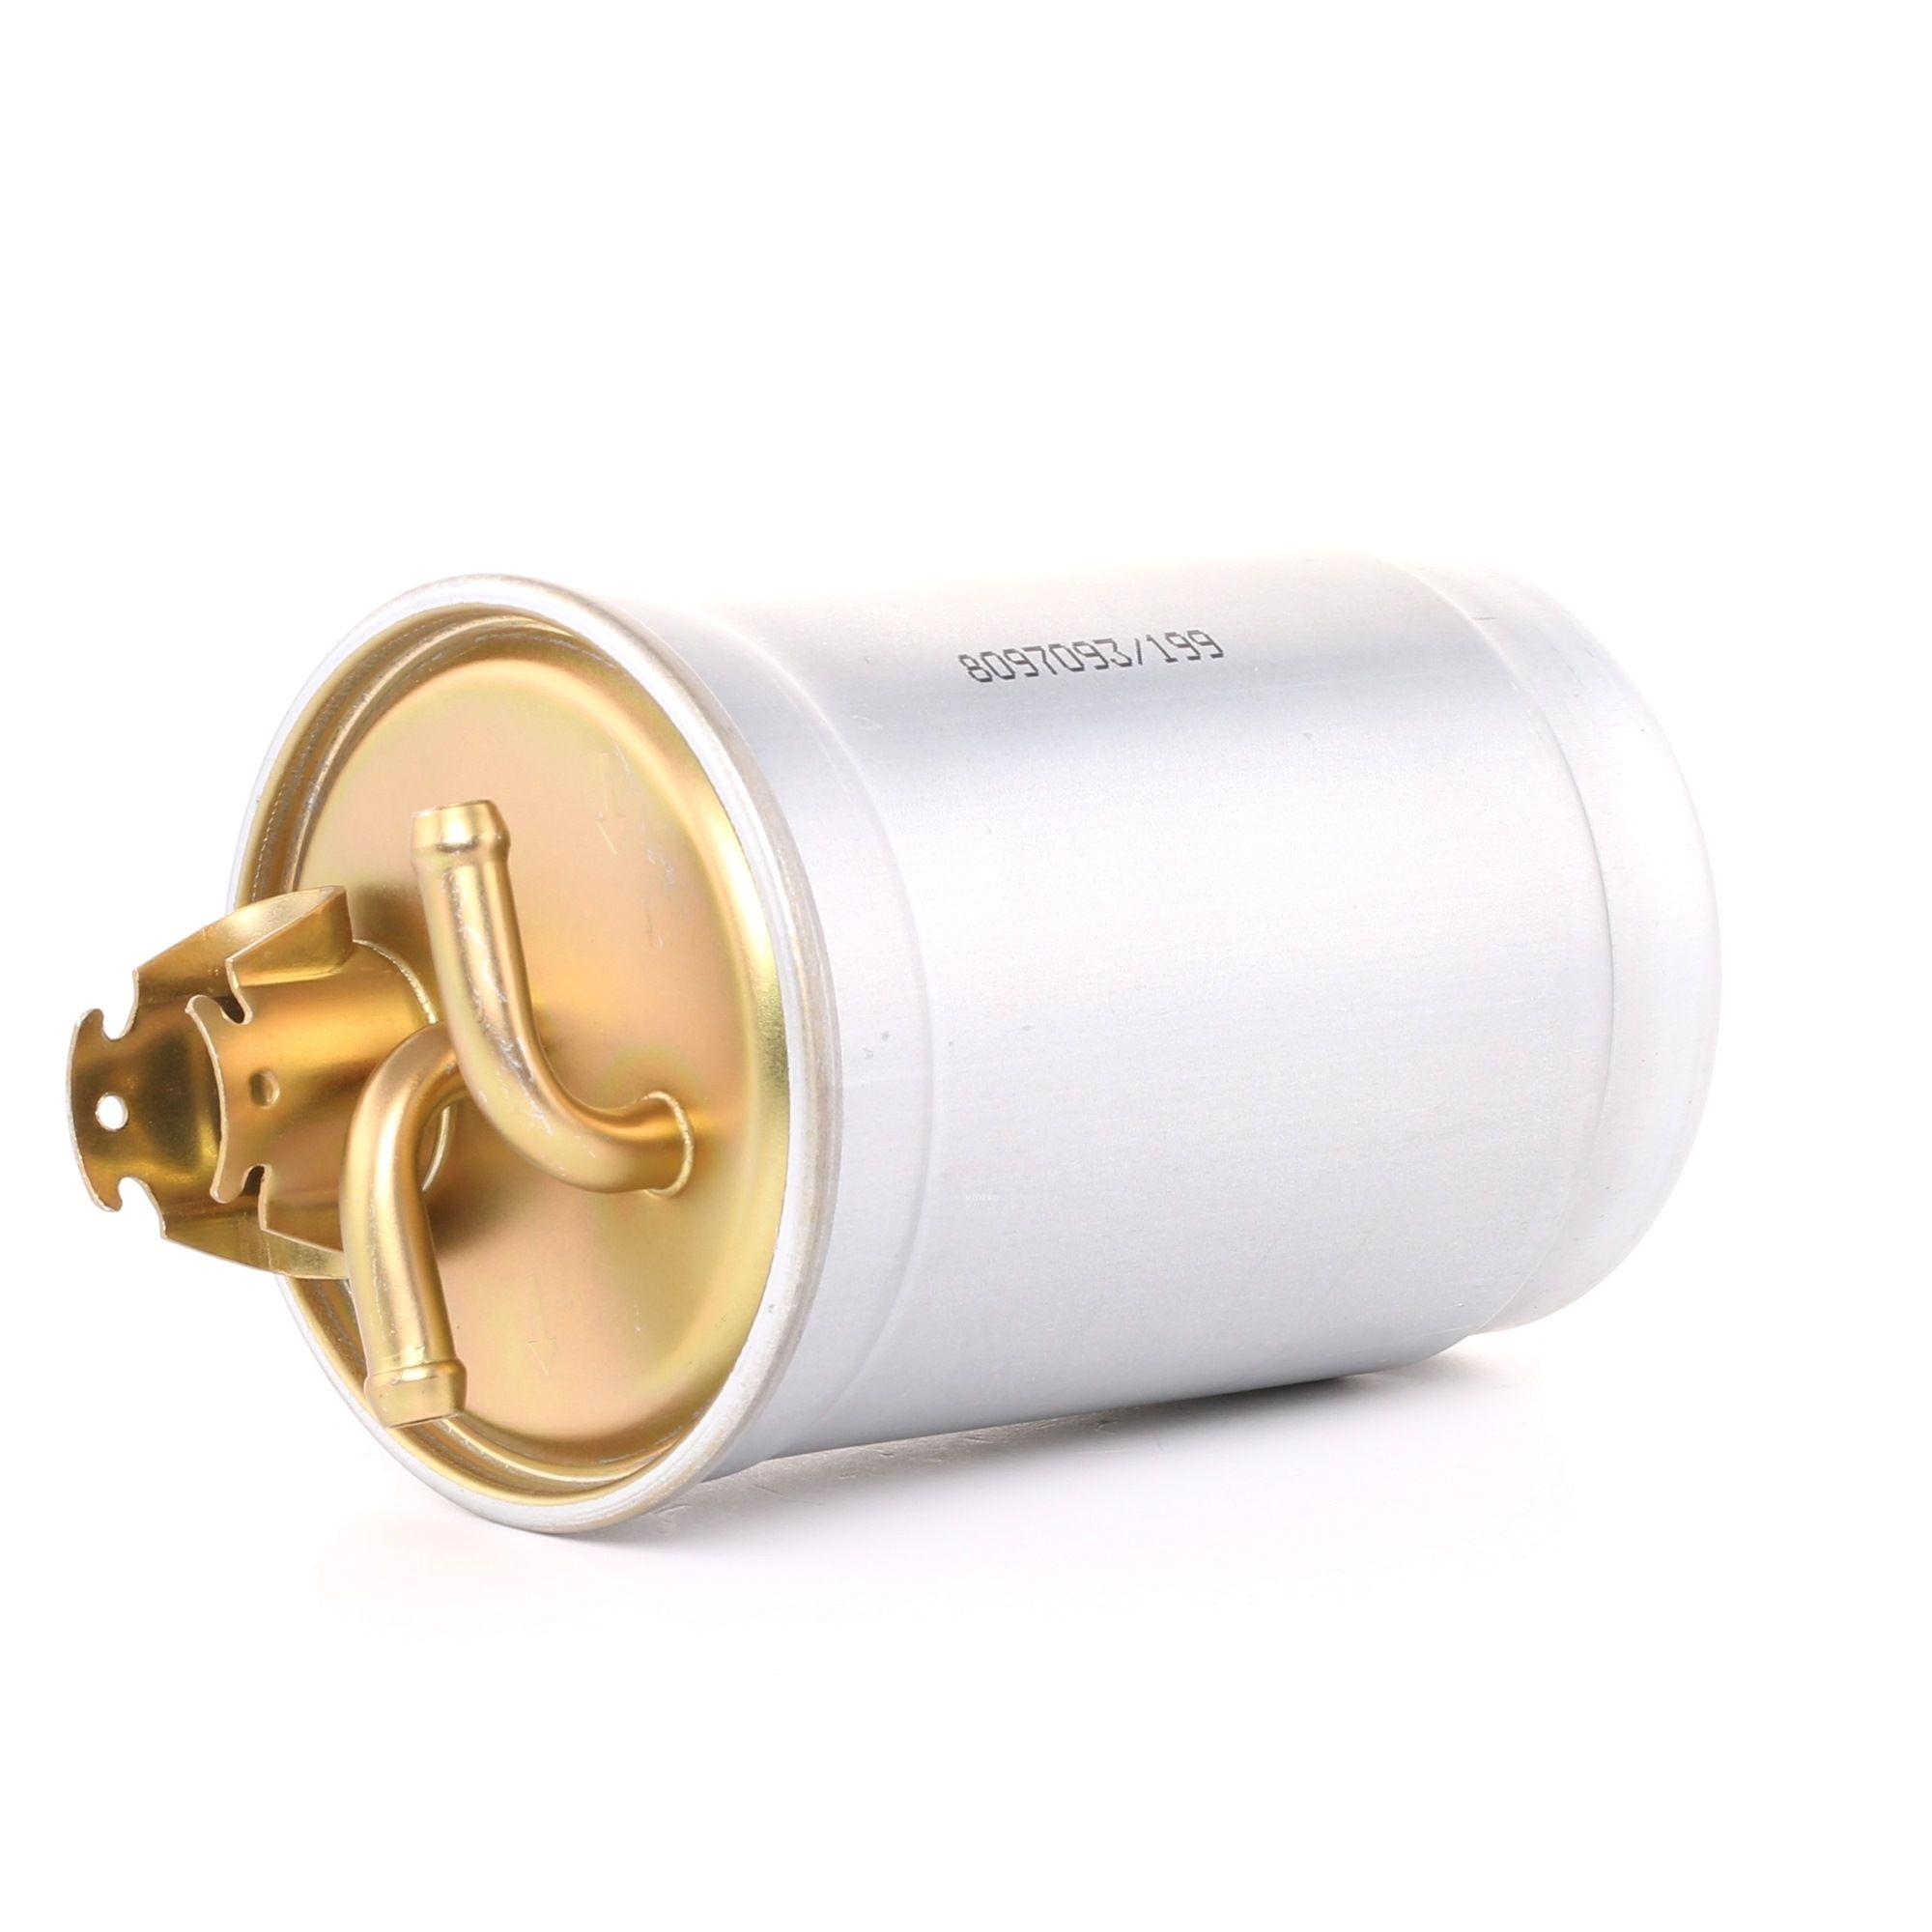 Palivový filtr 9F0018 s vynikajícím poměrem mezi cenou a RIDEX kvalitou